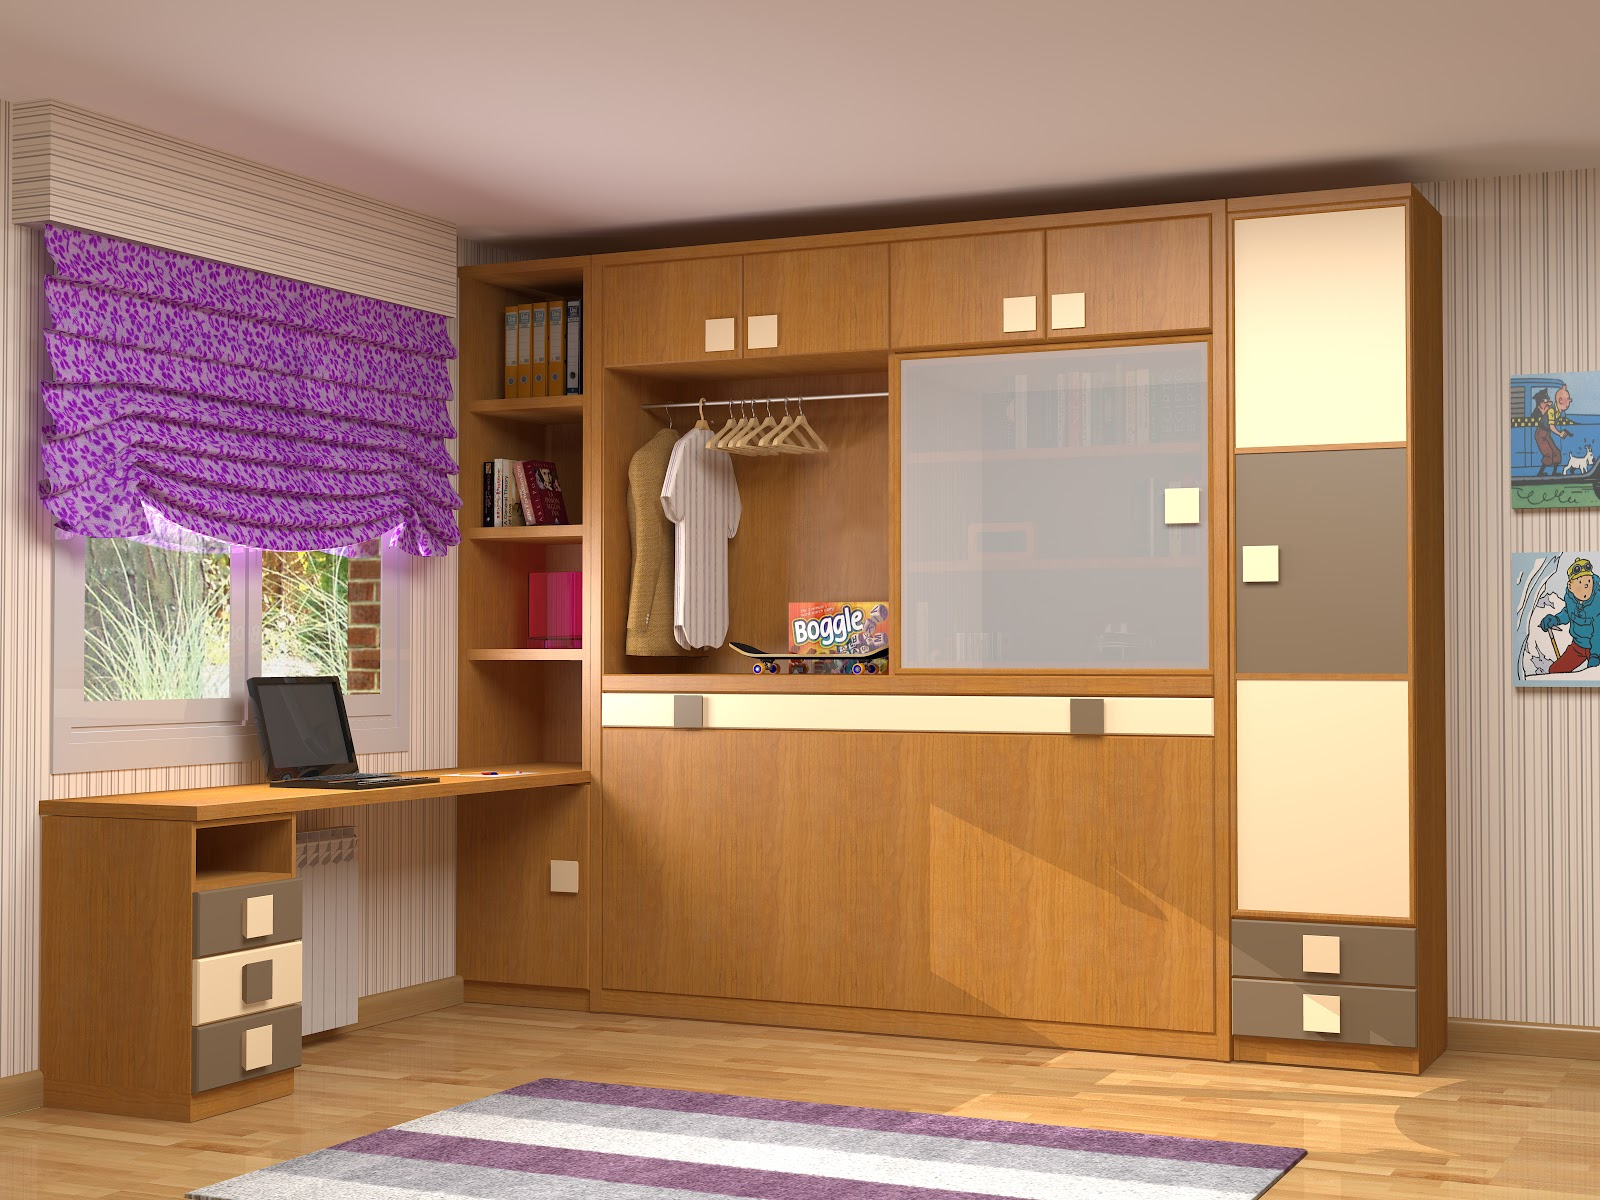 Muebles juveniles dormitorios infantiles y habitaciones for Mueble juvenil cama abatible